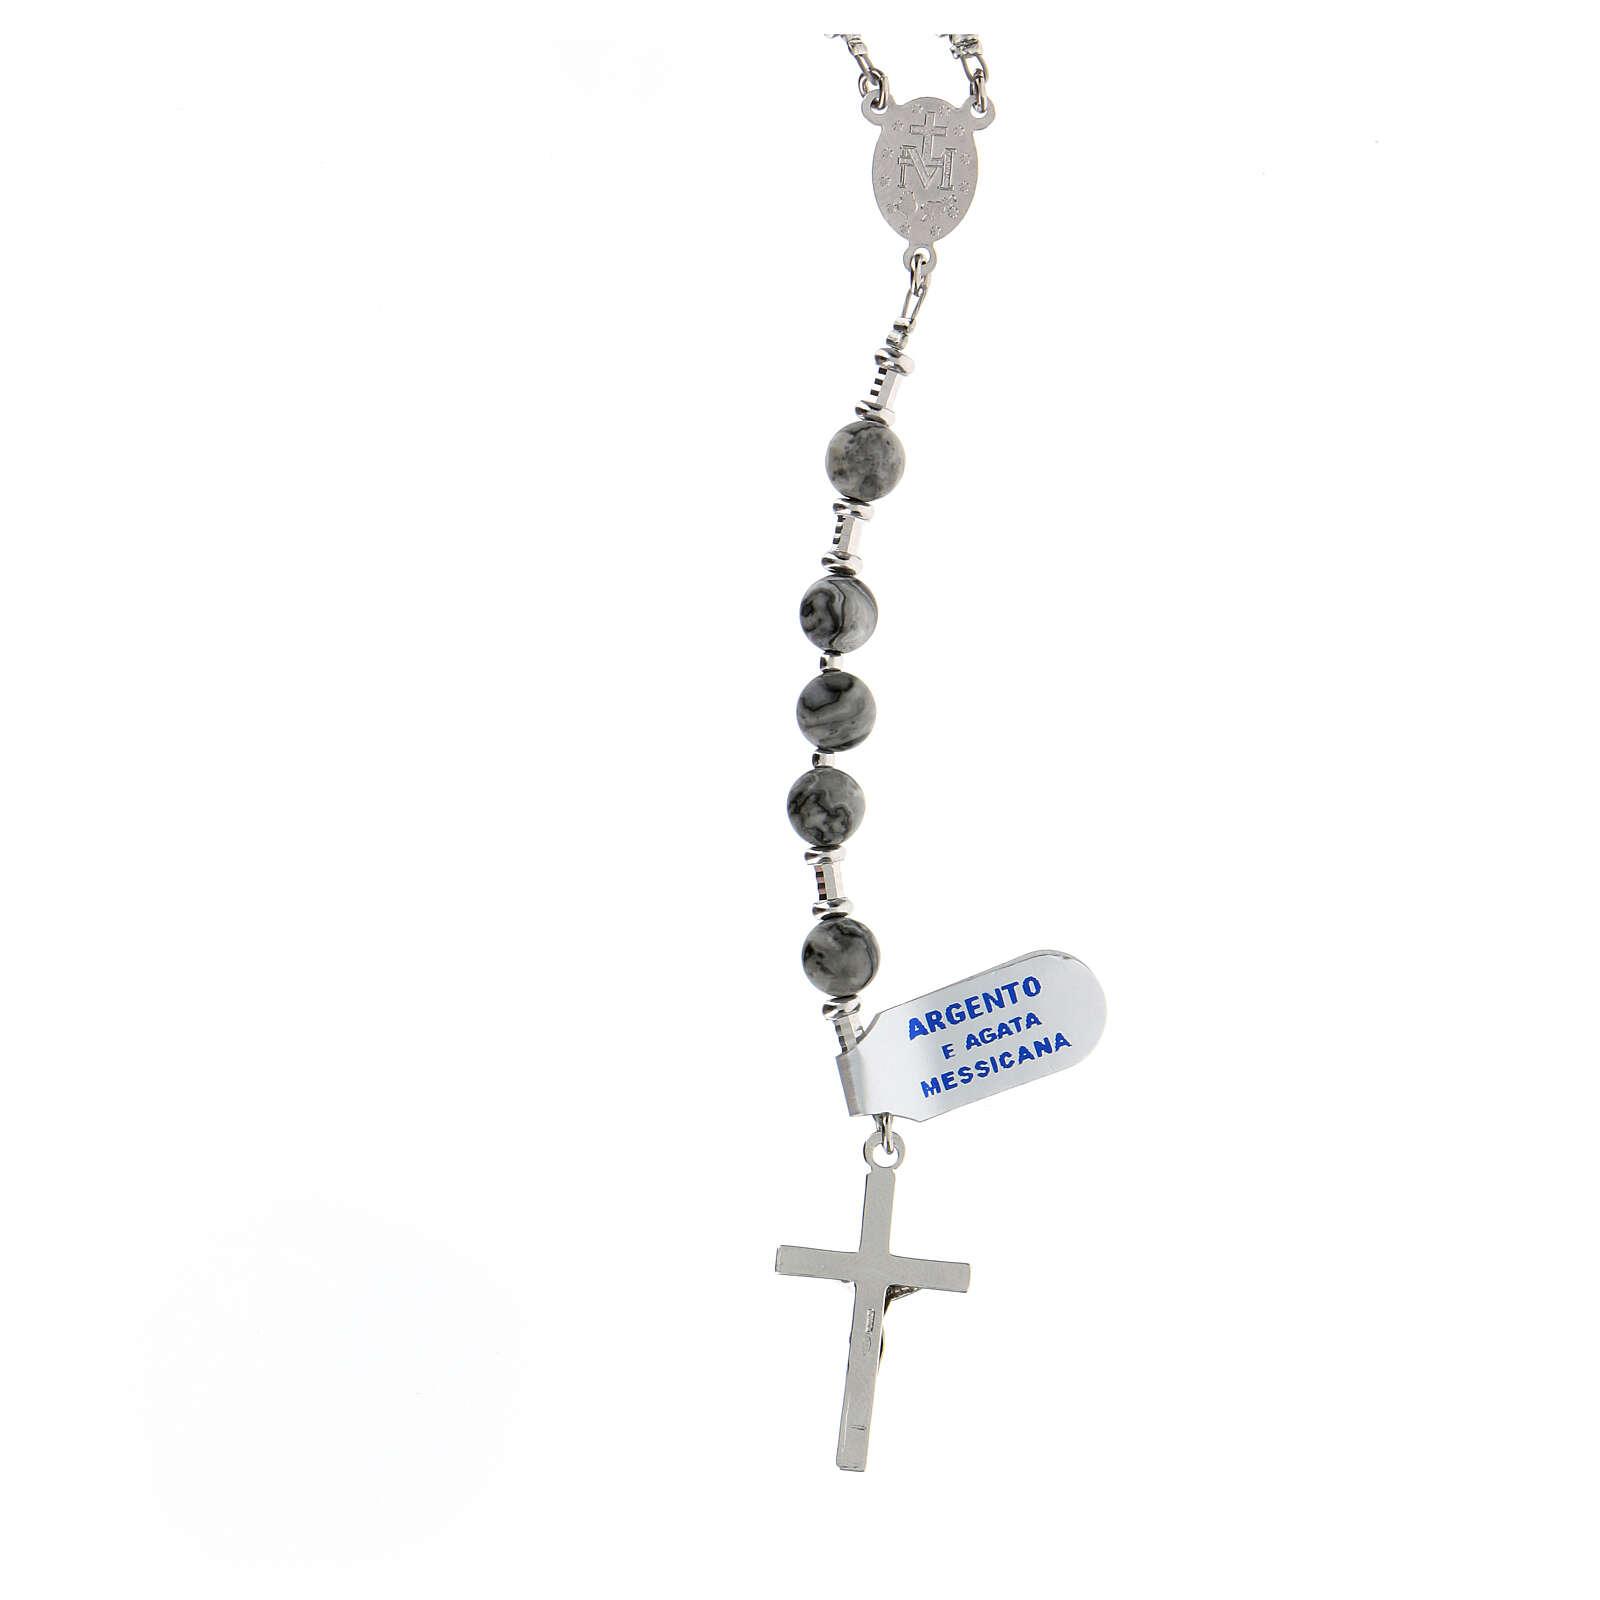 Rosario grani 6 mm agata messicana argento 925 Medaglia Miracolosa 4